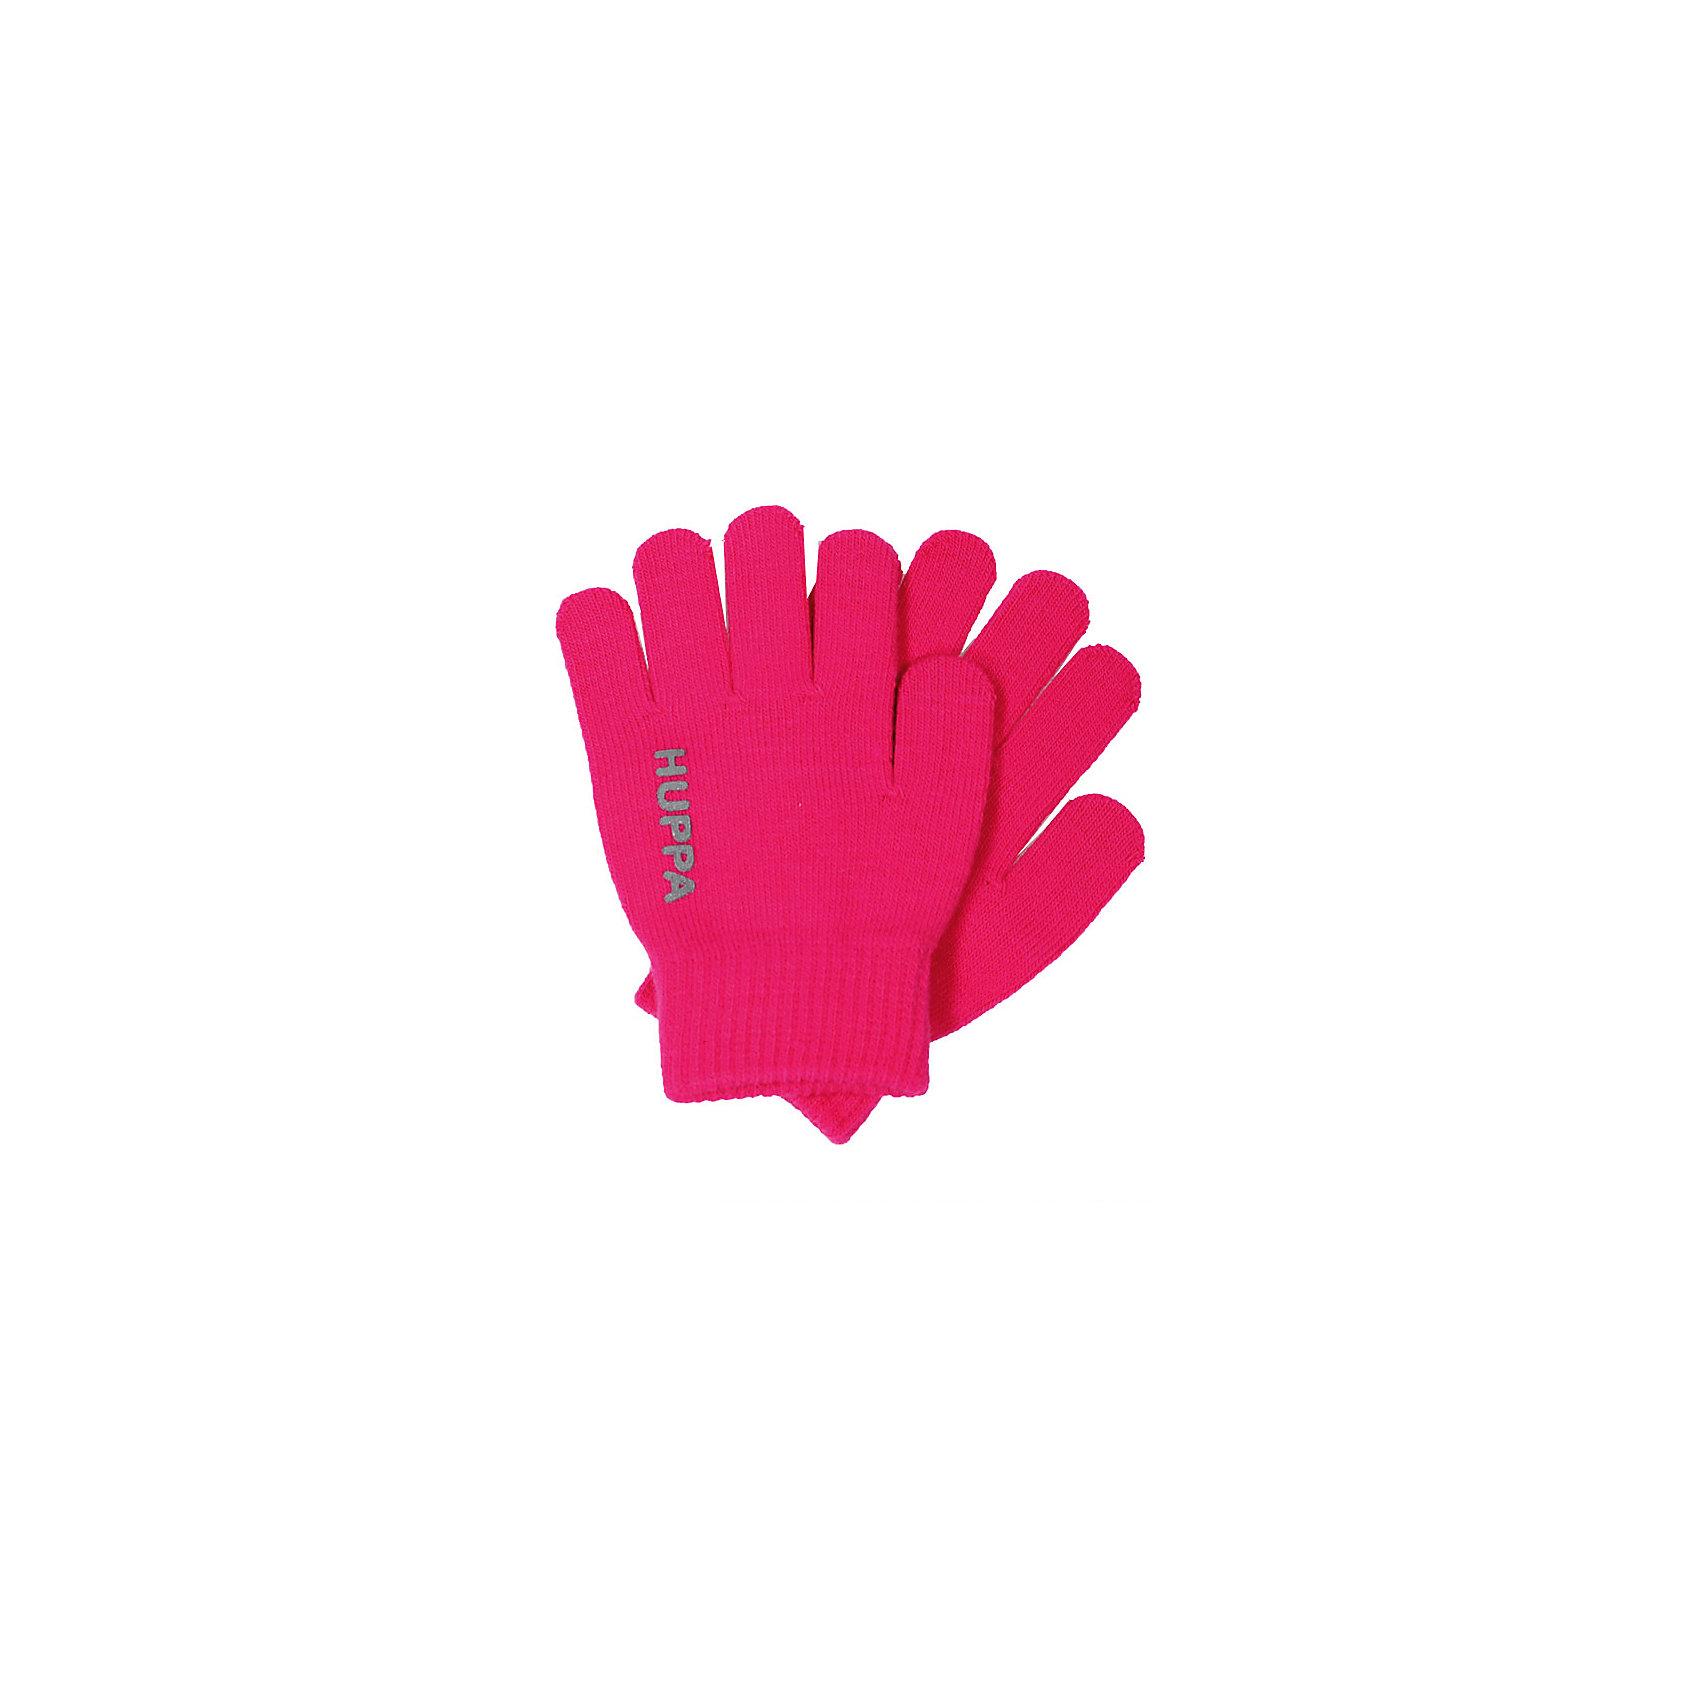 Перчатки LEVI для девочки HuppaХарактеристики товара:<br><br>• цвет: фуксия<br>• состав: 100% акрил<br>• температурный режим: от 0°С до +10°С<br>• мягкая пряжа<br>• логотип<br>• широкая мягкая резинка<br>• комфортная посадка<br>• страна бренда: Эстония<br><br>Эти перчатки обеспечат детям тепло и комфорт в межсезонье. Они сделаны из мягкого дышащего материала, поэтому изделие идеально подходит для межсезонья. Перчатки очень симпатично смотрятся. Модель была разработана специально для детей.<br><br>Одежда и обувь от популярного эстонского бренда Huppa - отличный вариант одеть ребенка можно и комфортно. Вещи, выпускаемые компанией, качественные, продуманные и очень удобные. Для производства изделий используются только безопасные для детей материалы. Продукция от Huppa порадует и детей, и их родителей!<br><br>Перчатки LEVI от бренда Huppa (Хуппа) можно купить в нашем интернет-магазине.<br><br>Ширина мм: 162<br>Глубина мм: 171<br>Высота мм: 55<br>Вес г: 119<br>Цвет: фиолетовый<br>Возраст от месяцев: 6<br>Возраст до месяцев: 12<br>Пол: Женский<br>Возраст: Детский<br>Размер: 1,2<br>SKU: 5348058